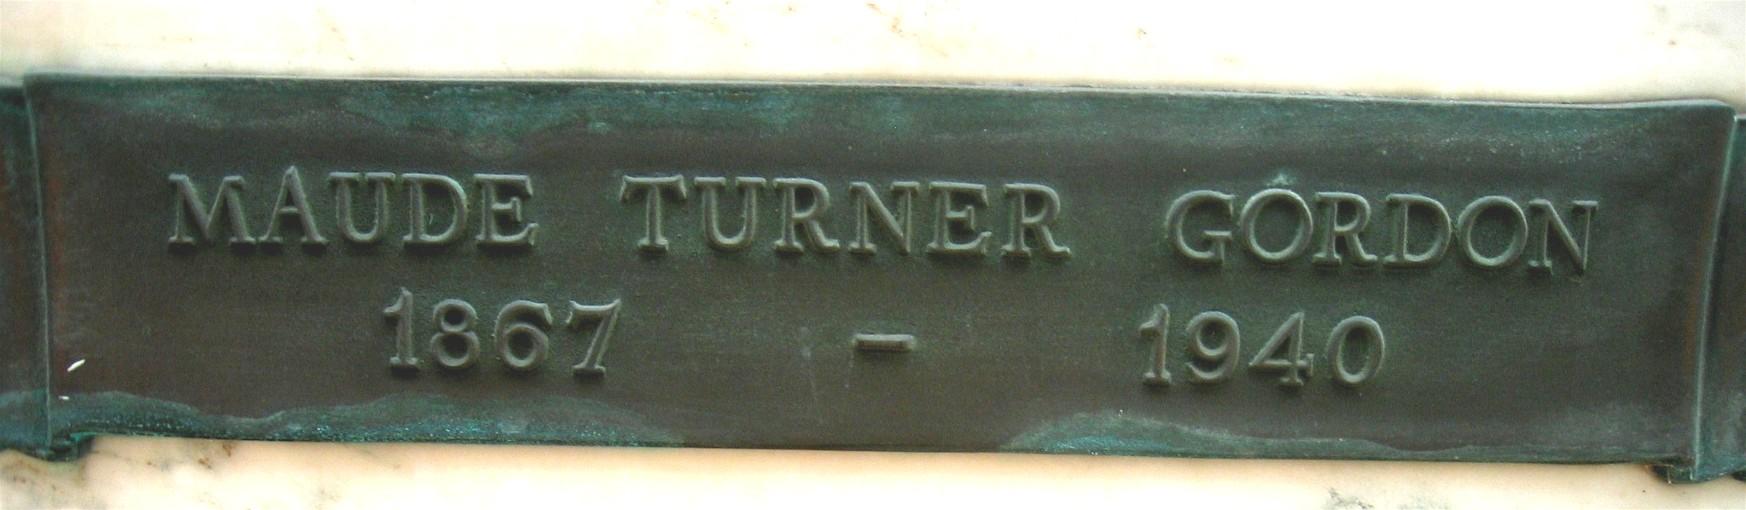 Watch Maude Turner Gordon video